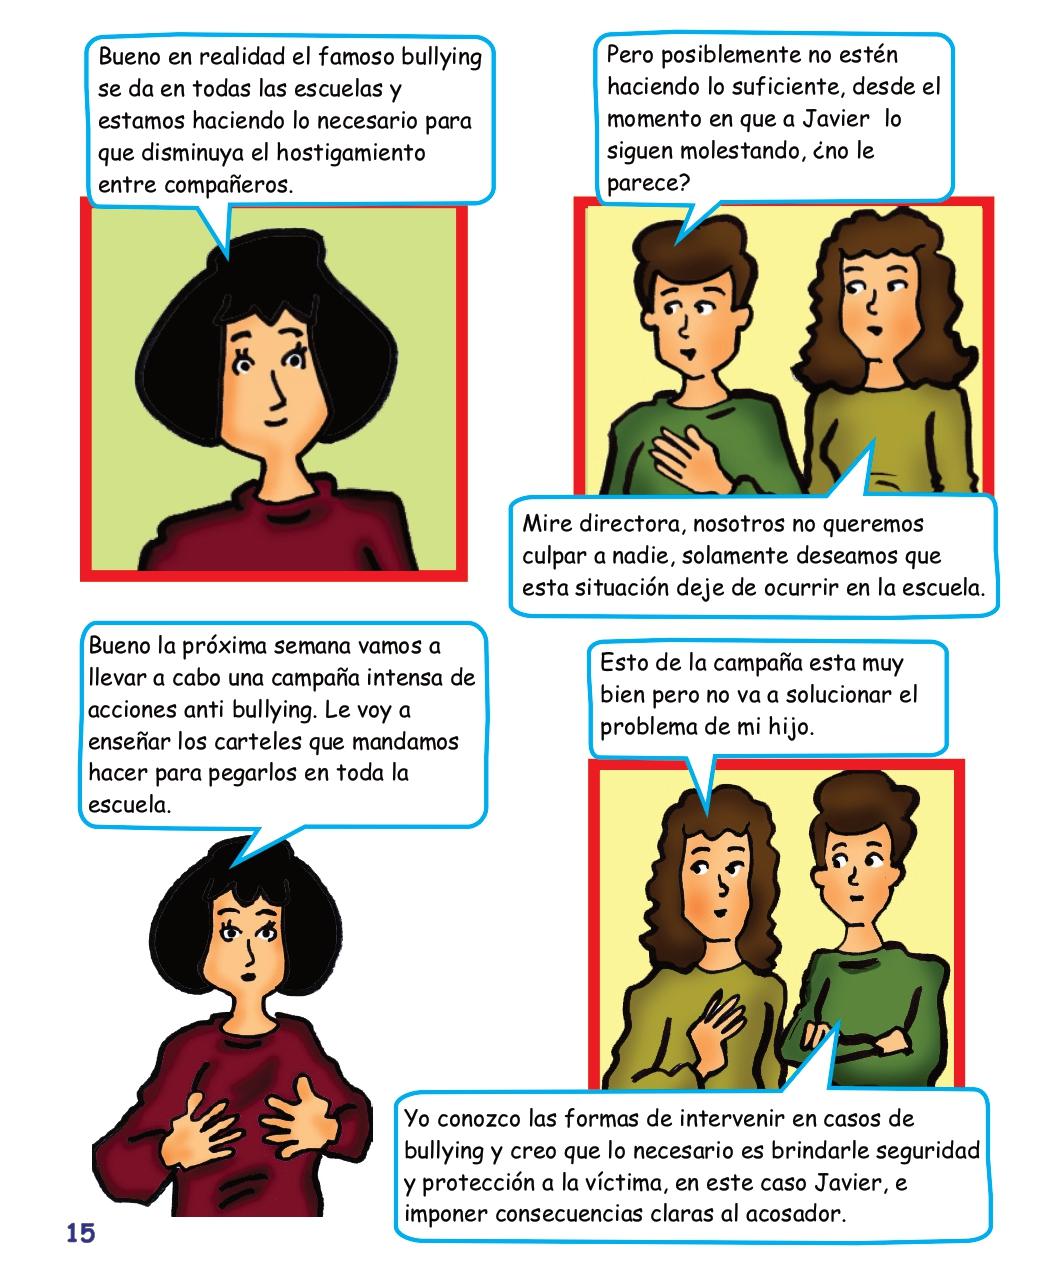 Psicología adolescentes Reyhan cap3 digital_page-0018